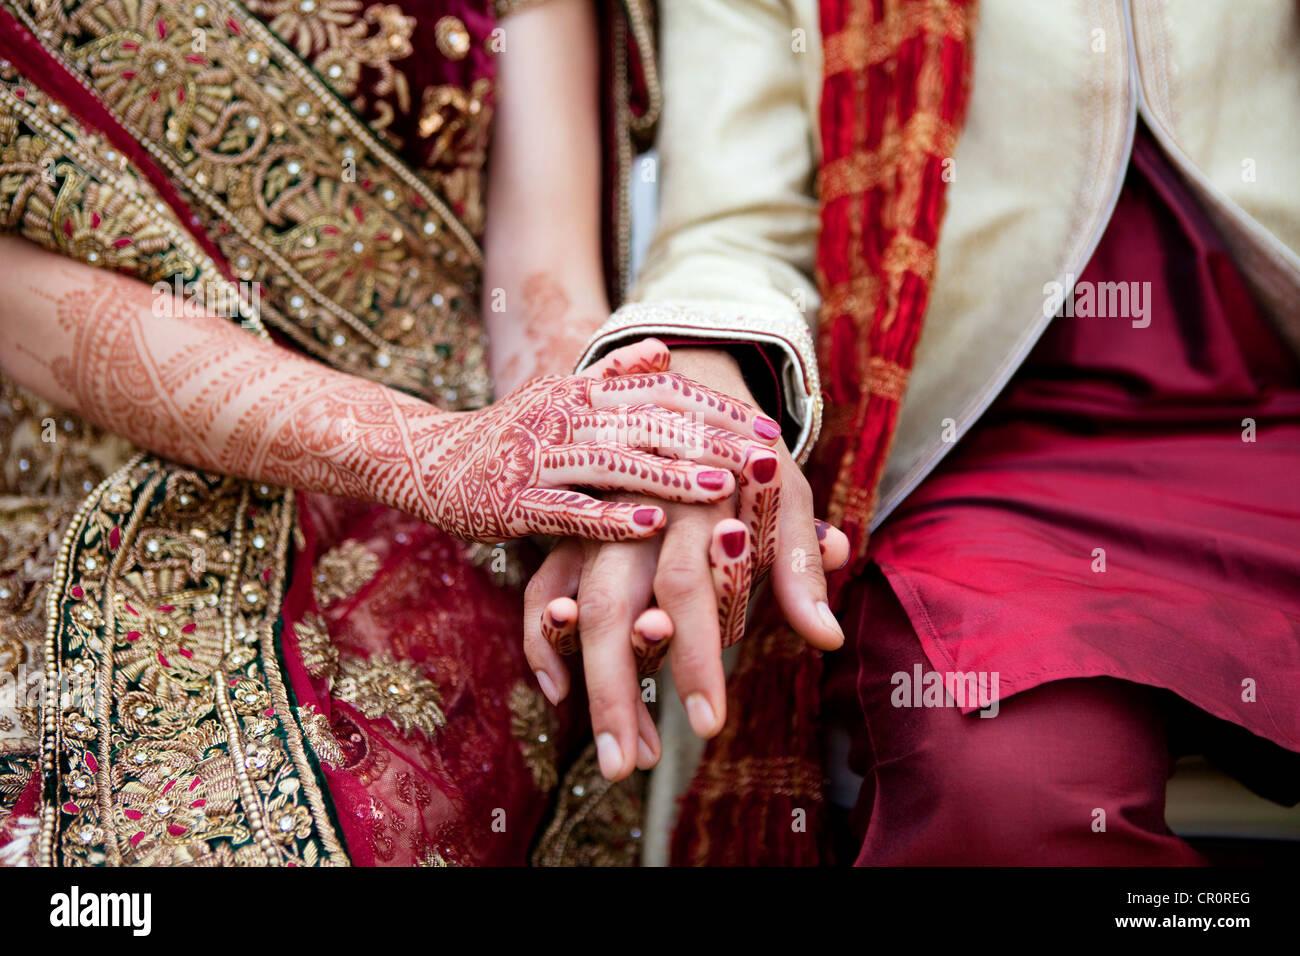 Braut und Bräutigam in traditionelle indische Hochzeit Kleidung mit Henna-tattoos Stockfoto